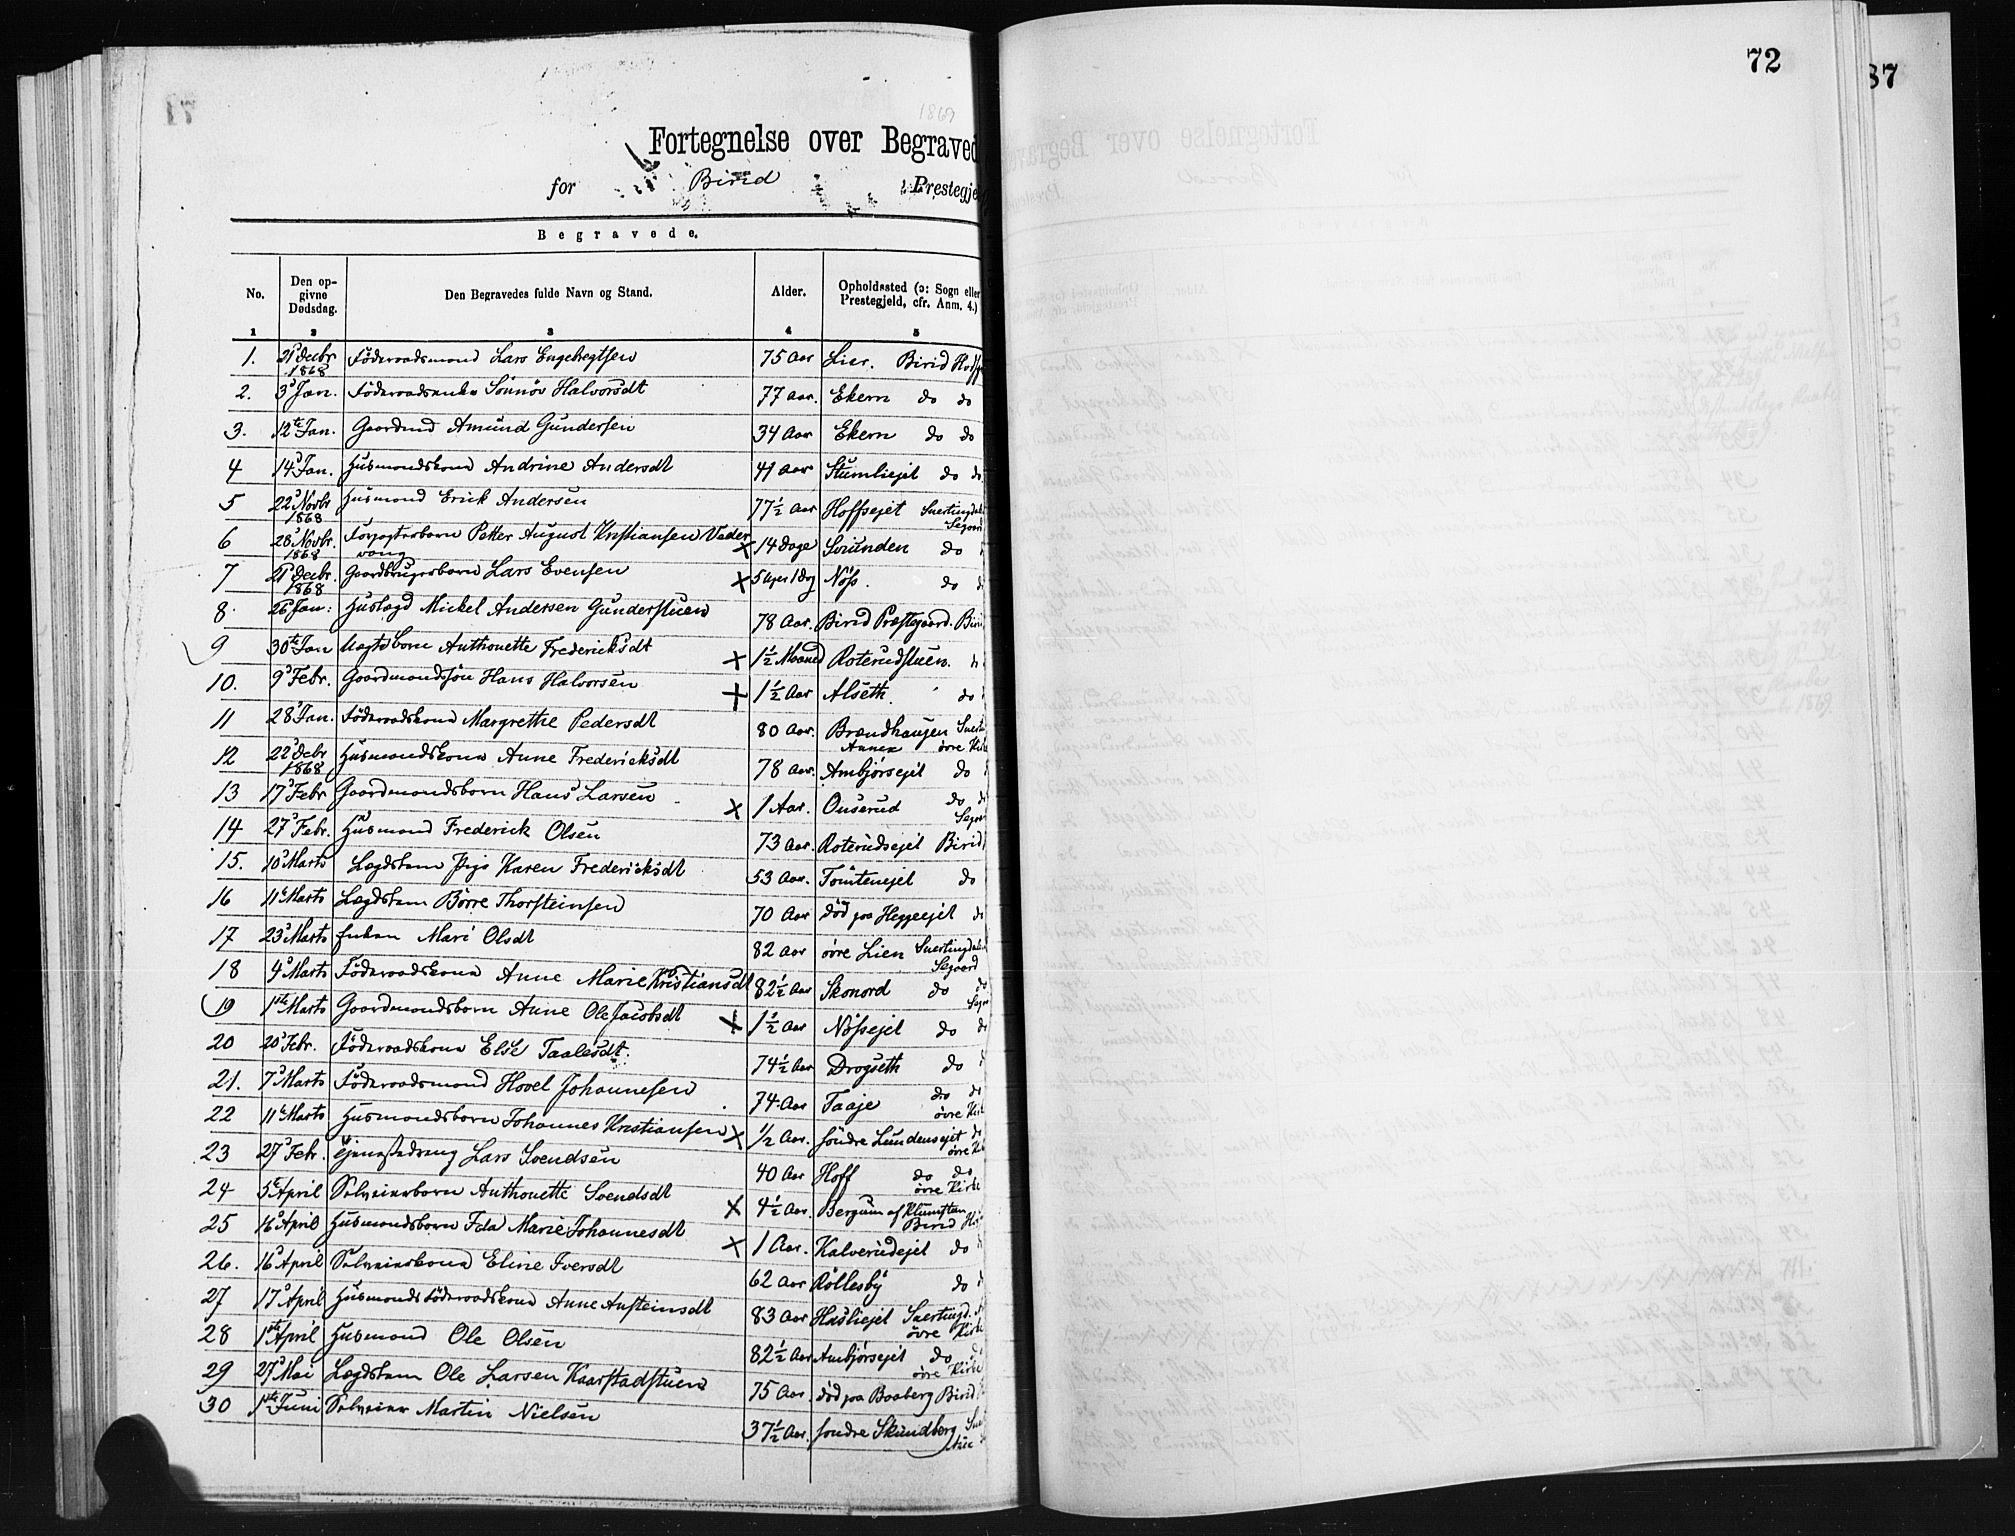 SAH, Biri prestekontor, Ministerialbok, 1866-1872, s. 72